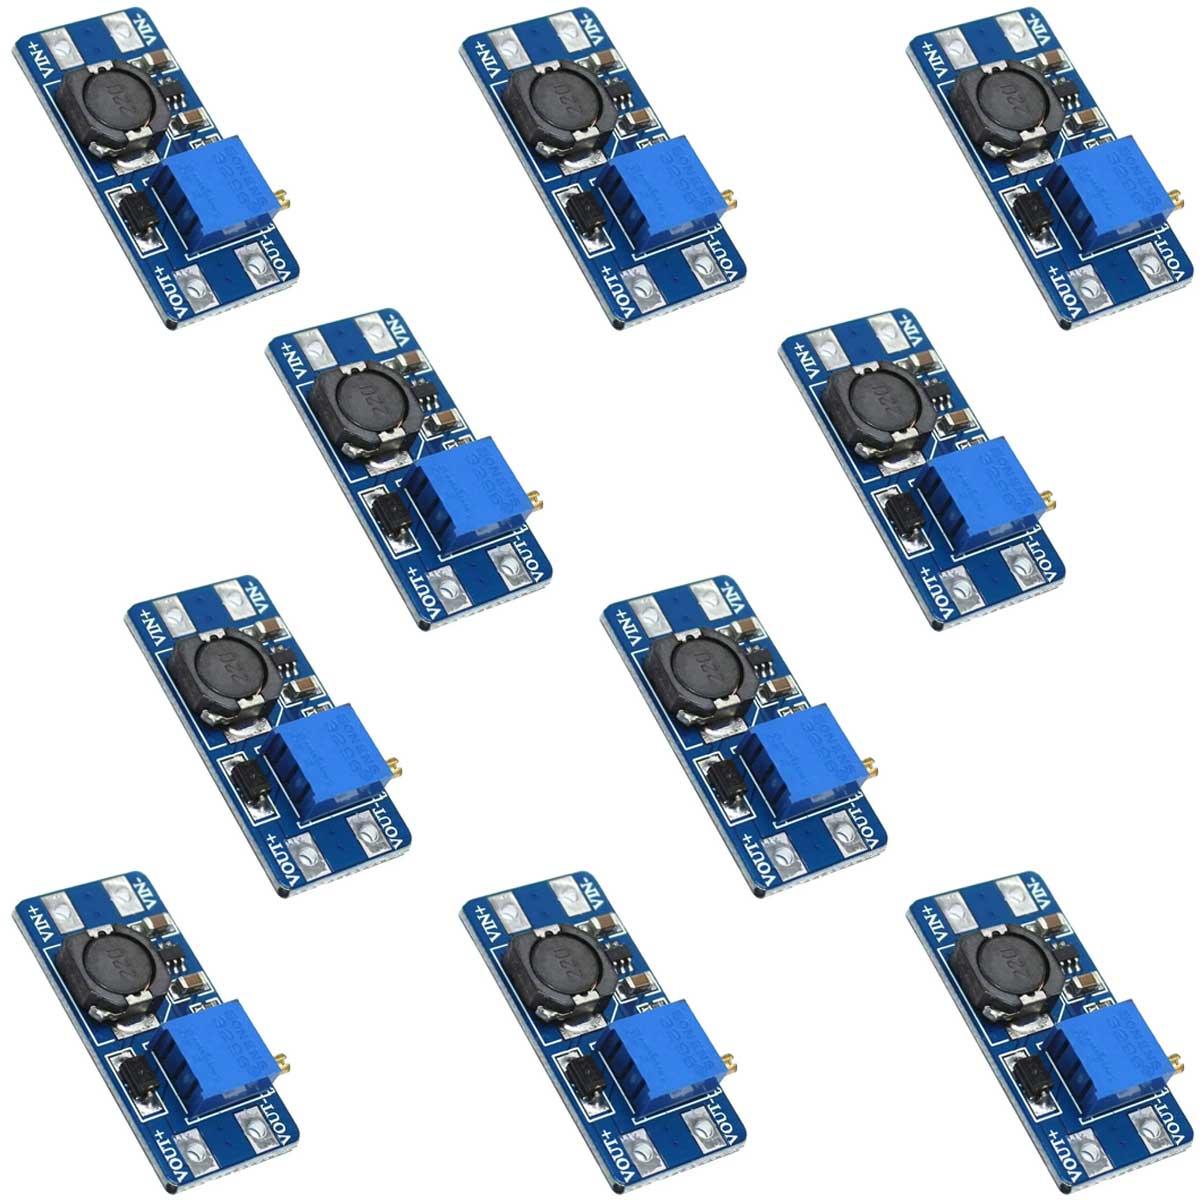 10x Módulo Regulador de Tensão Ajustável MT3608 Step Up - 2,5V a 28V